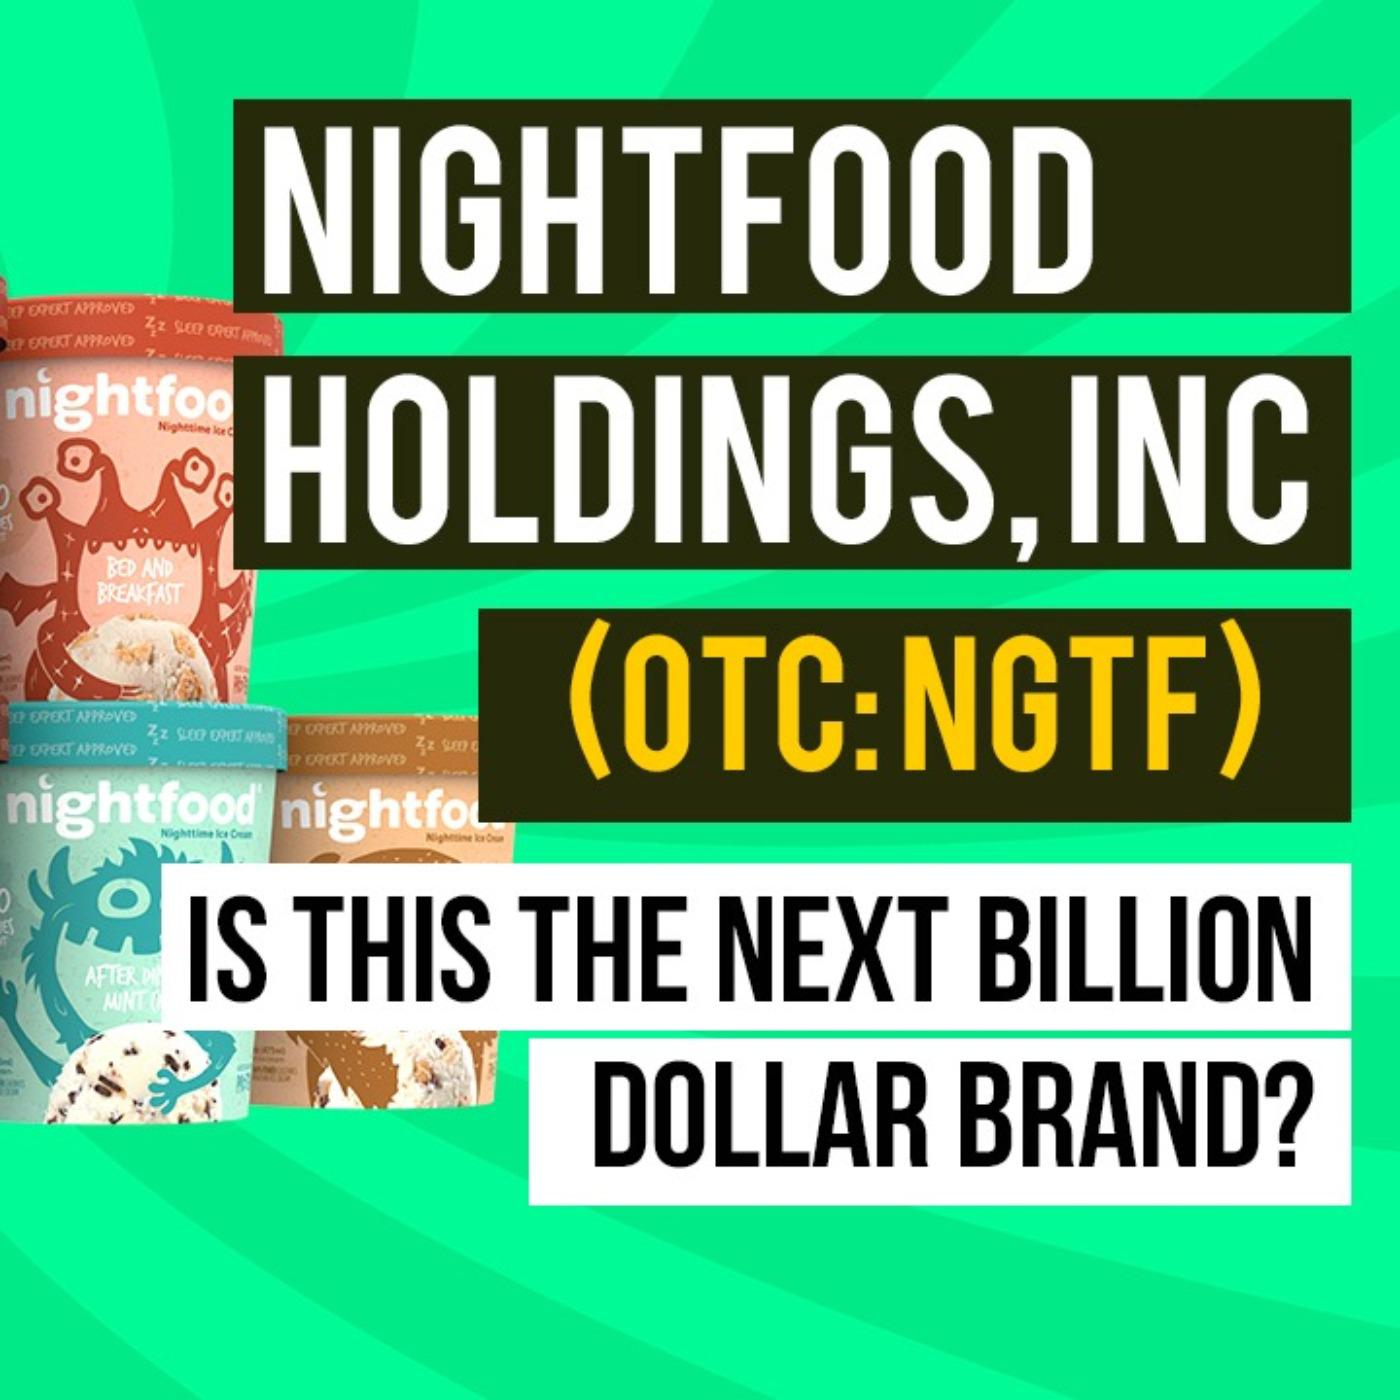 Nightfood NGTF